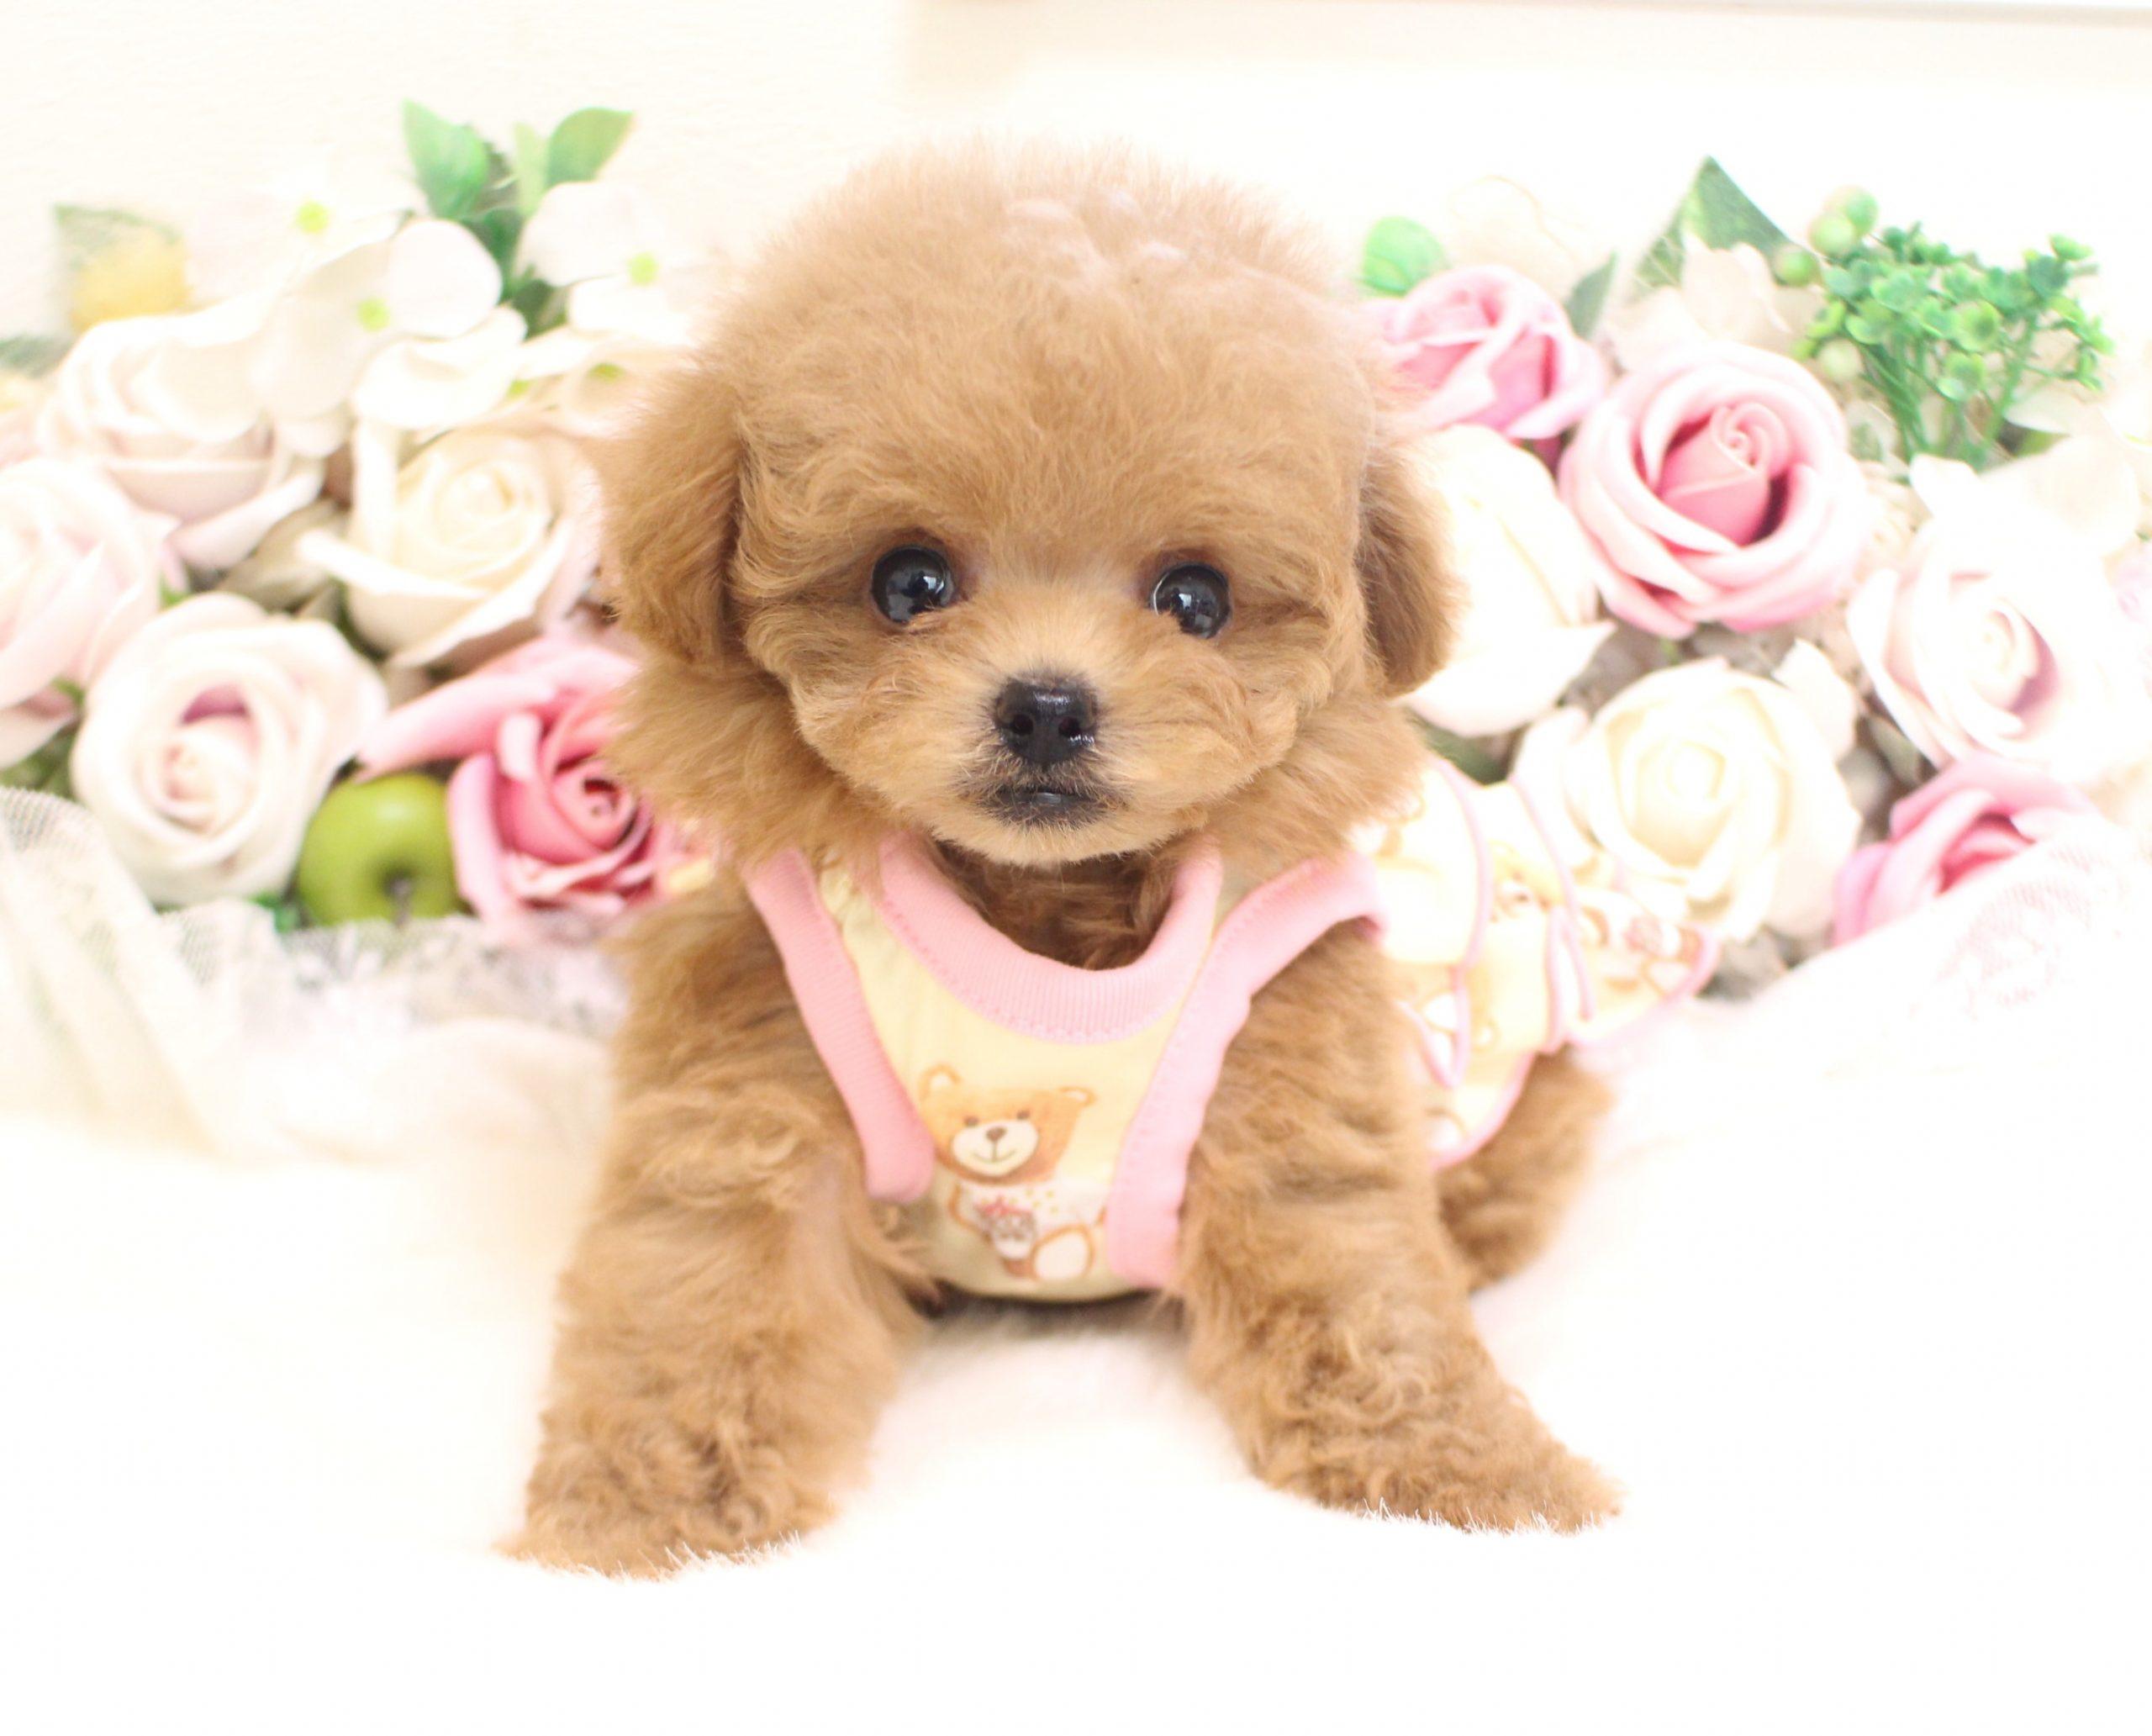 3月3日生まれ  女の子  ティーカップ予想  激カワちゃん01